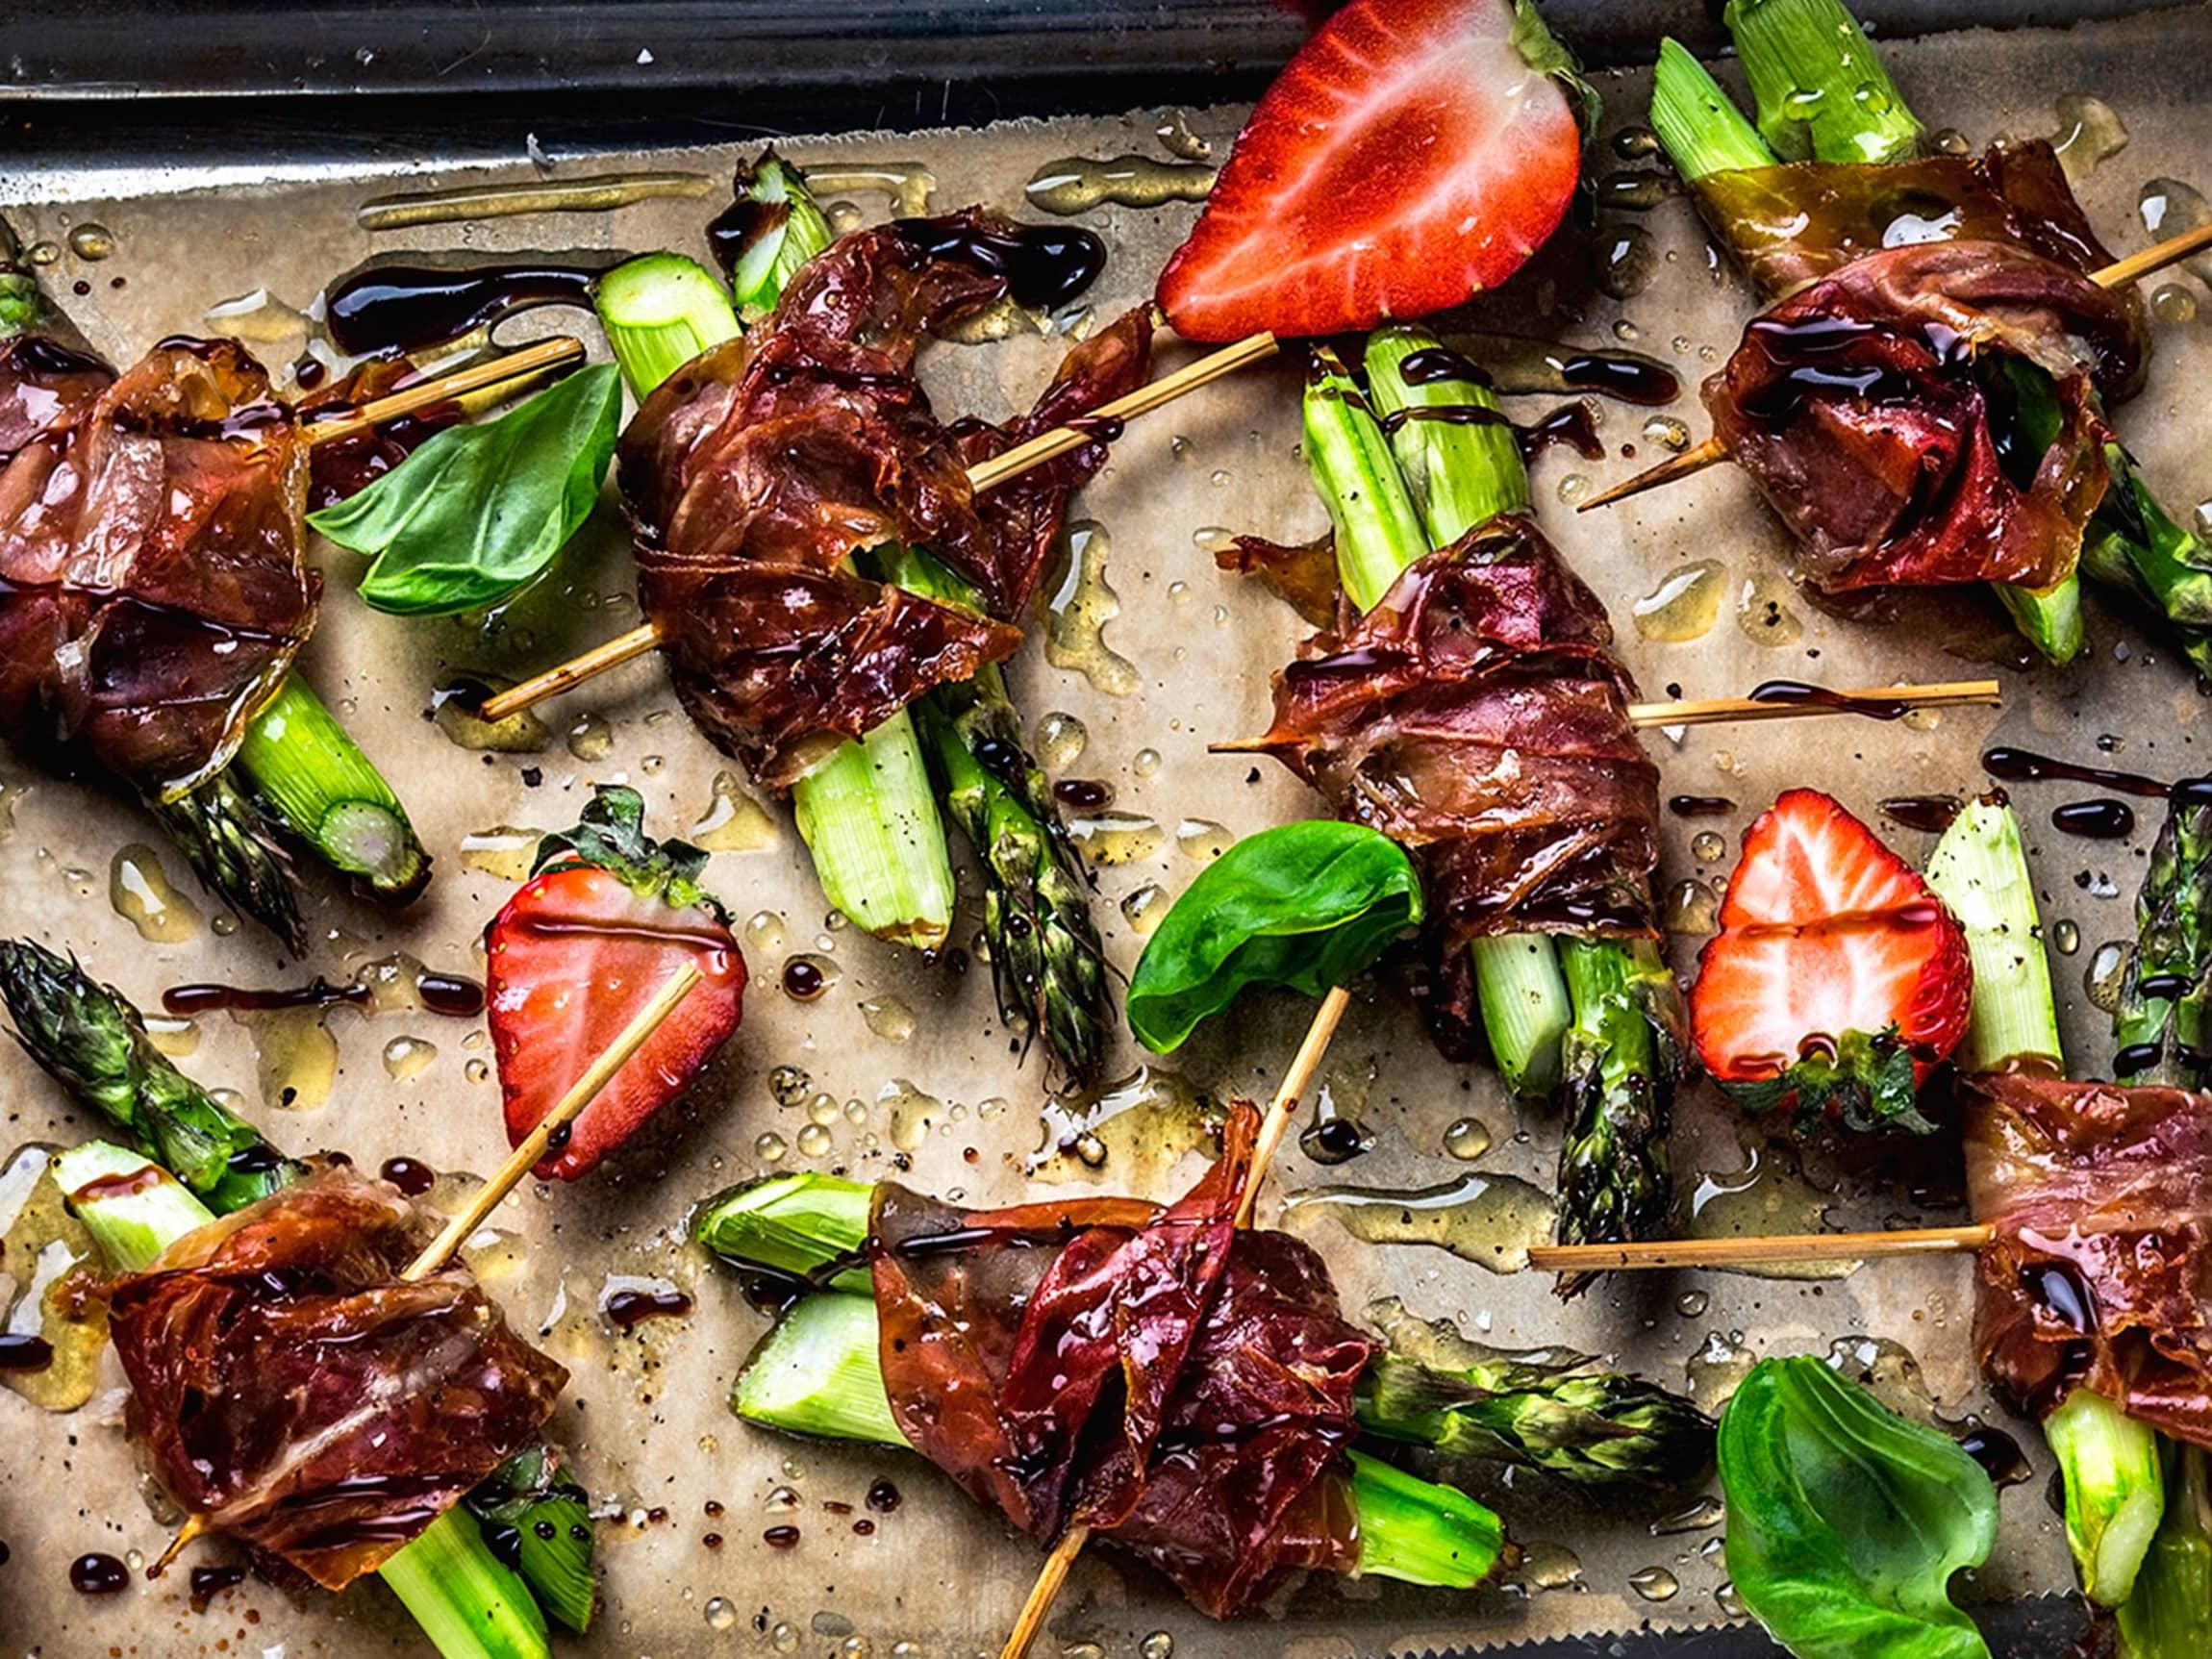 Asparges, jordbær, spekeskinke og balsamico er en nydelig kombinasjon.